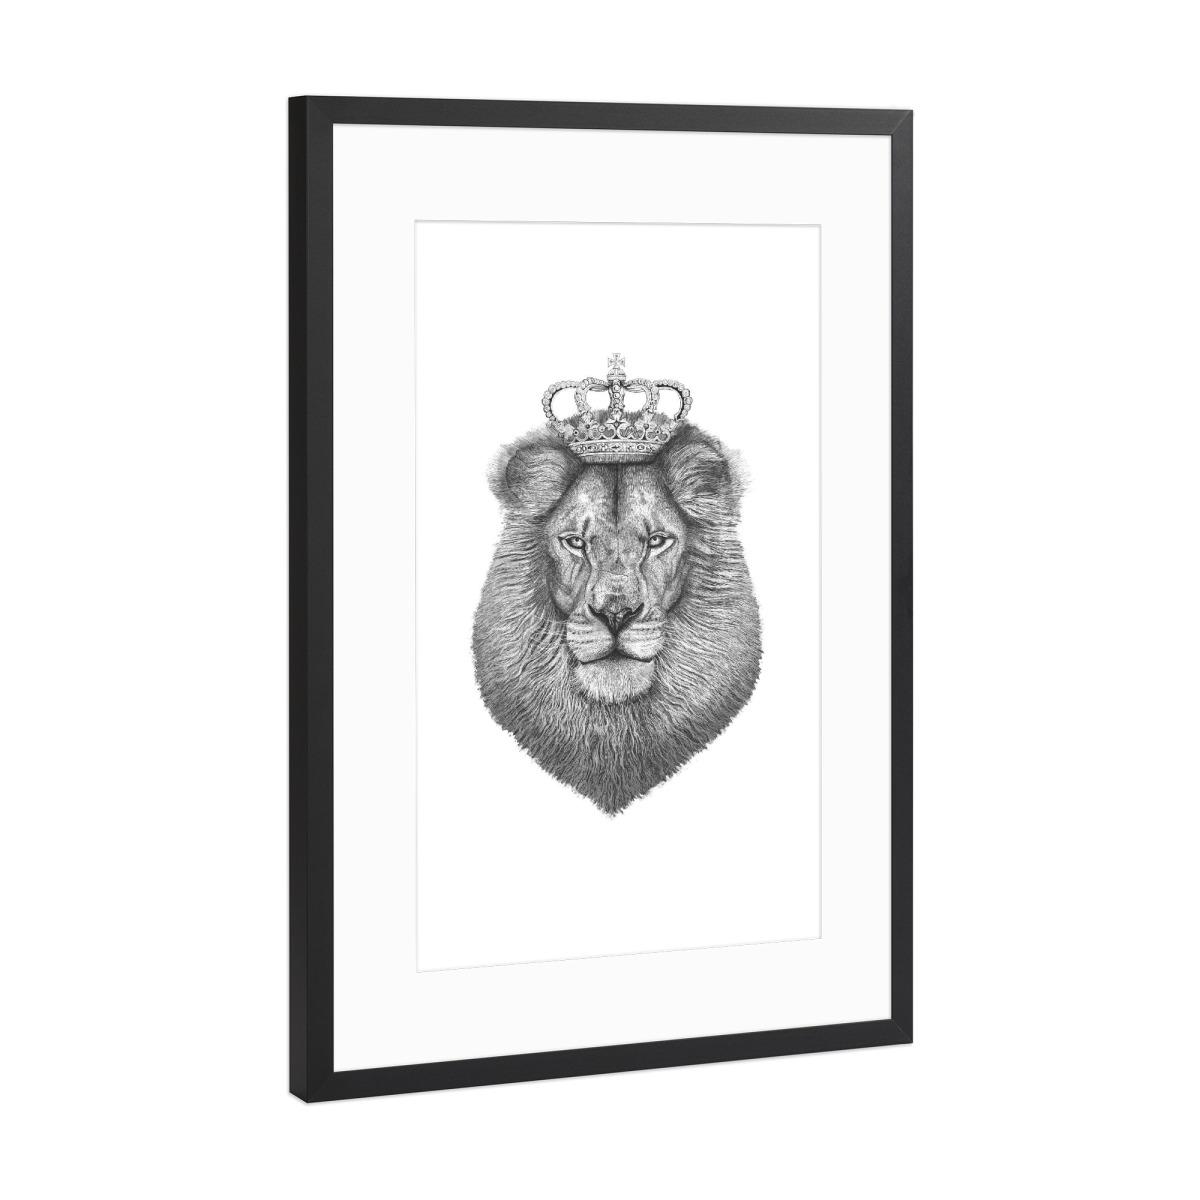 The King als Gerahmt bei artboxONE kaufen